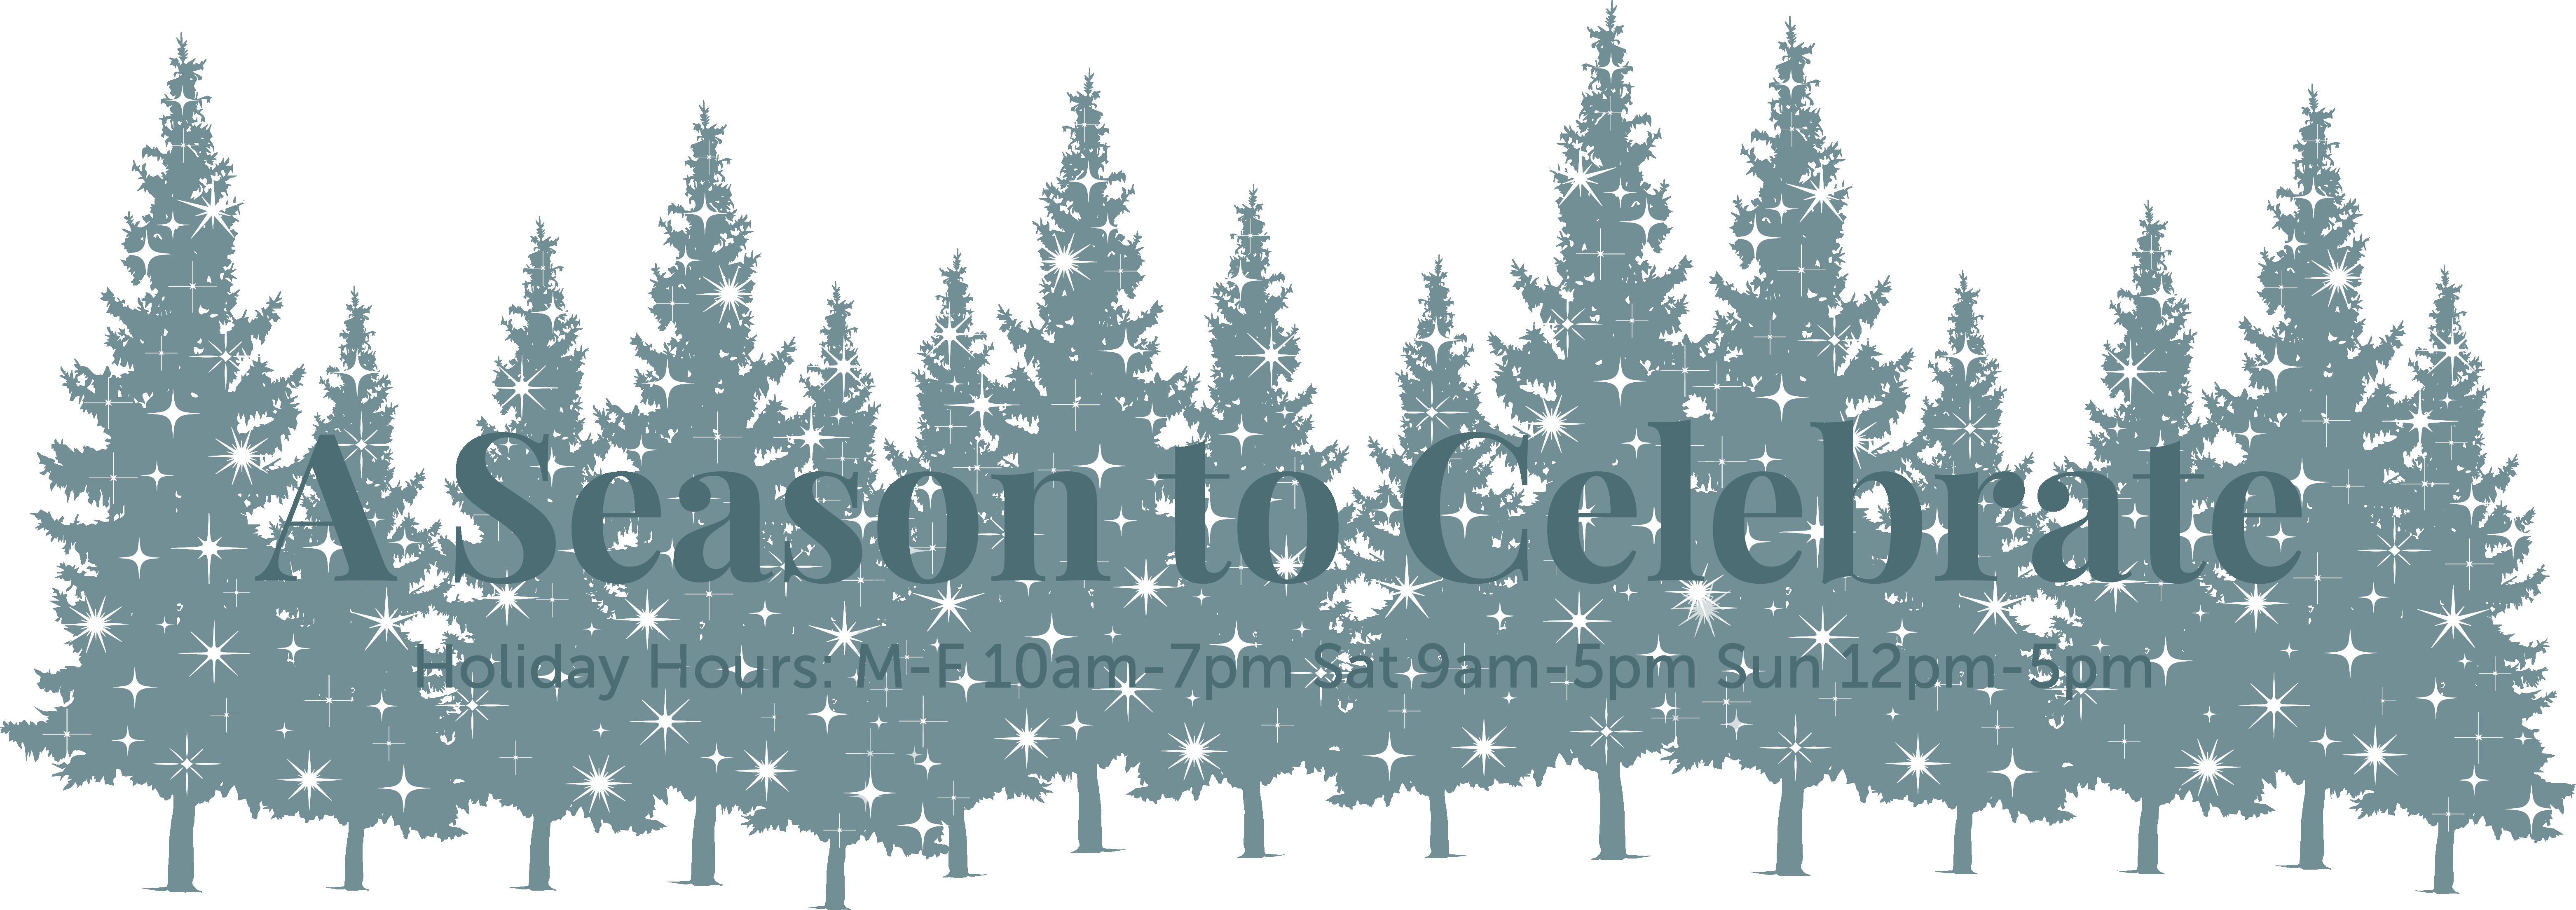 HolidayLandingpage_Banner2